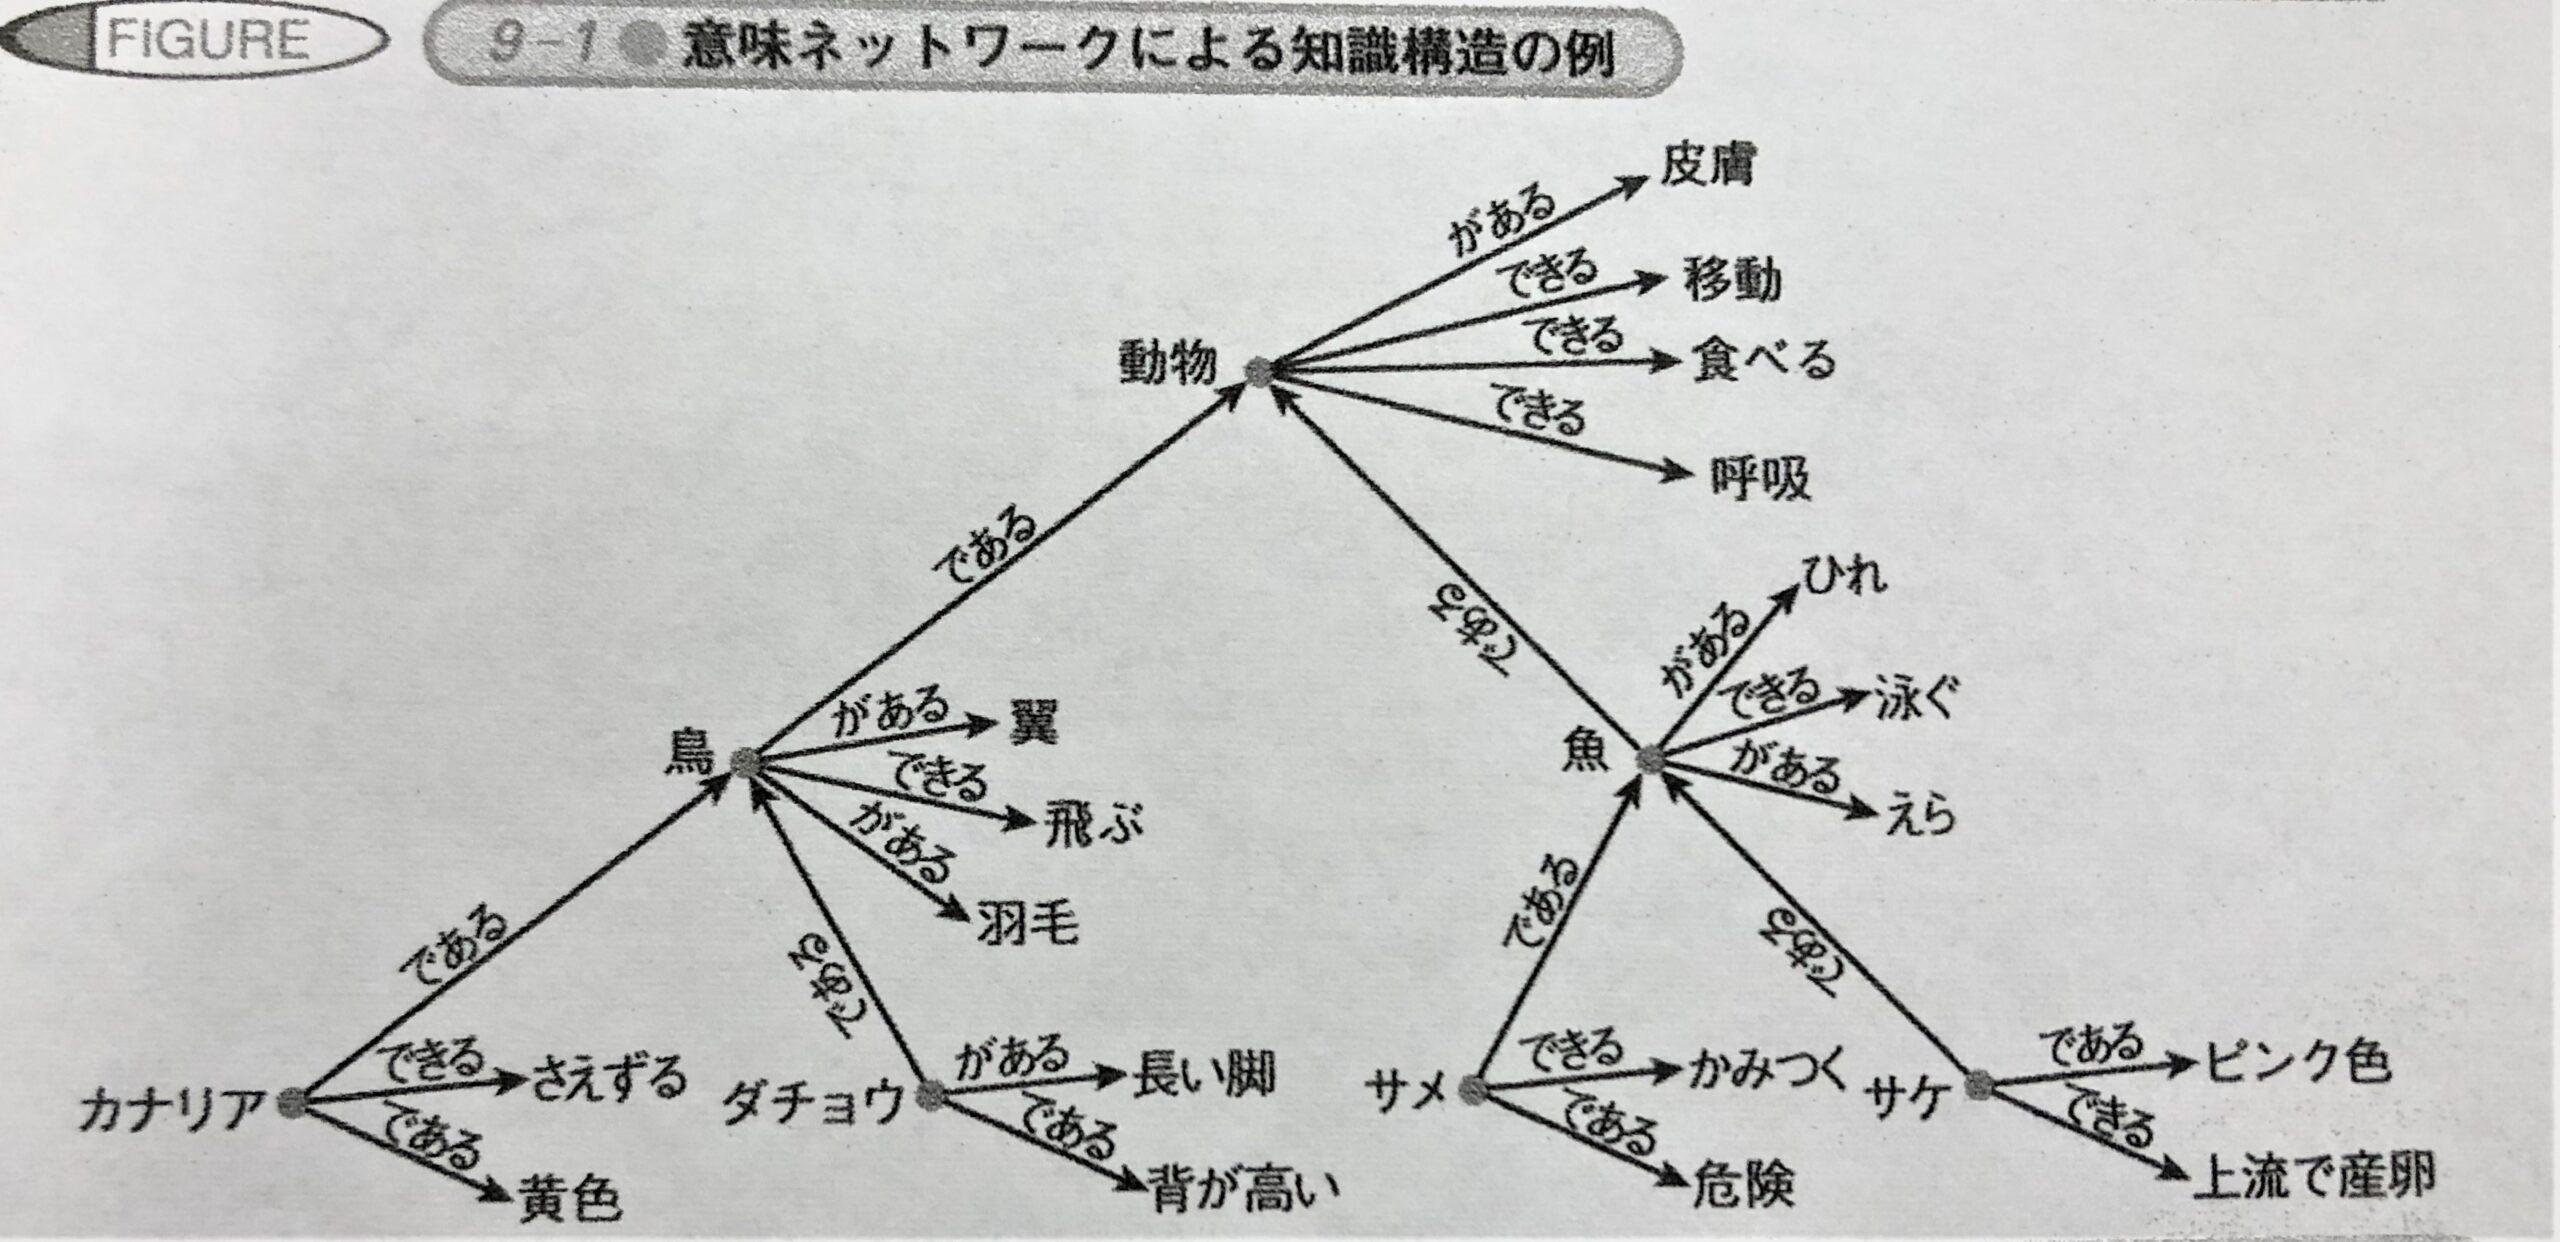 知識構造の例